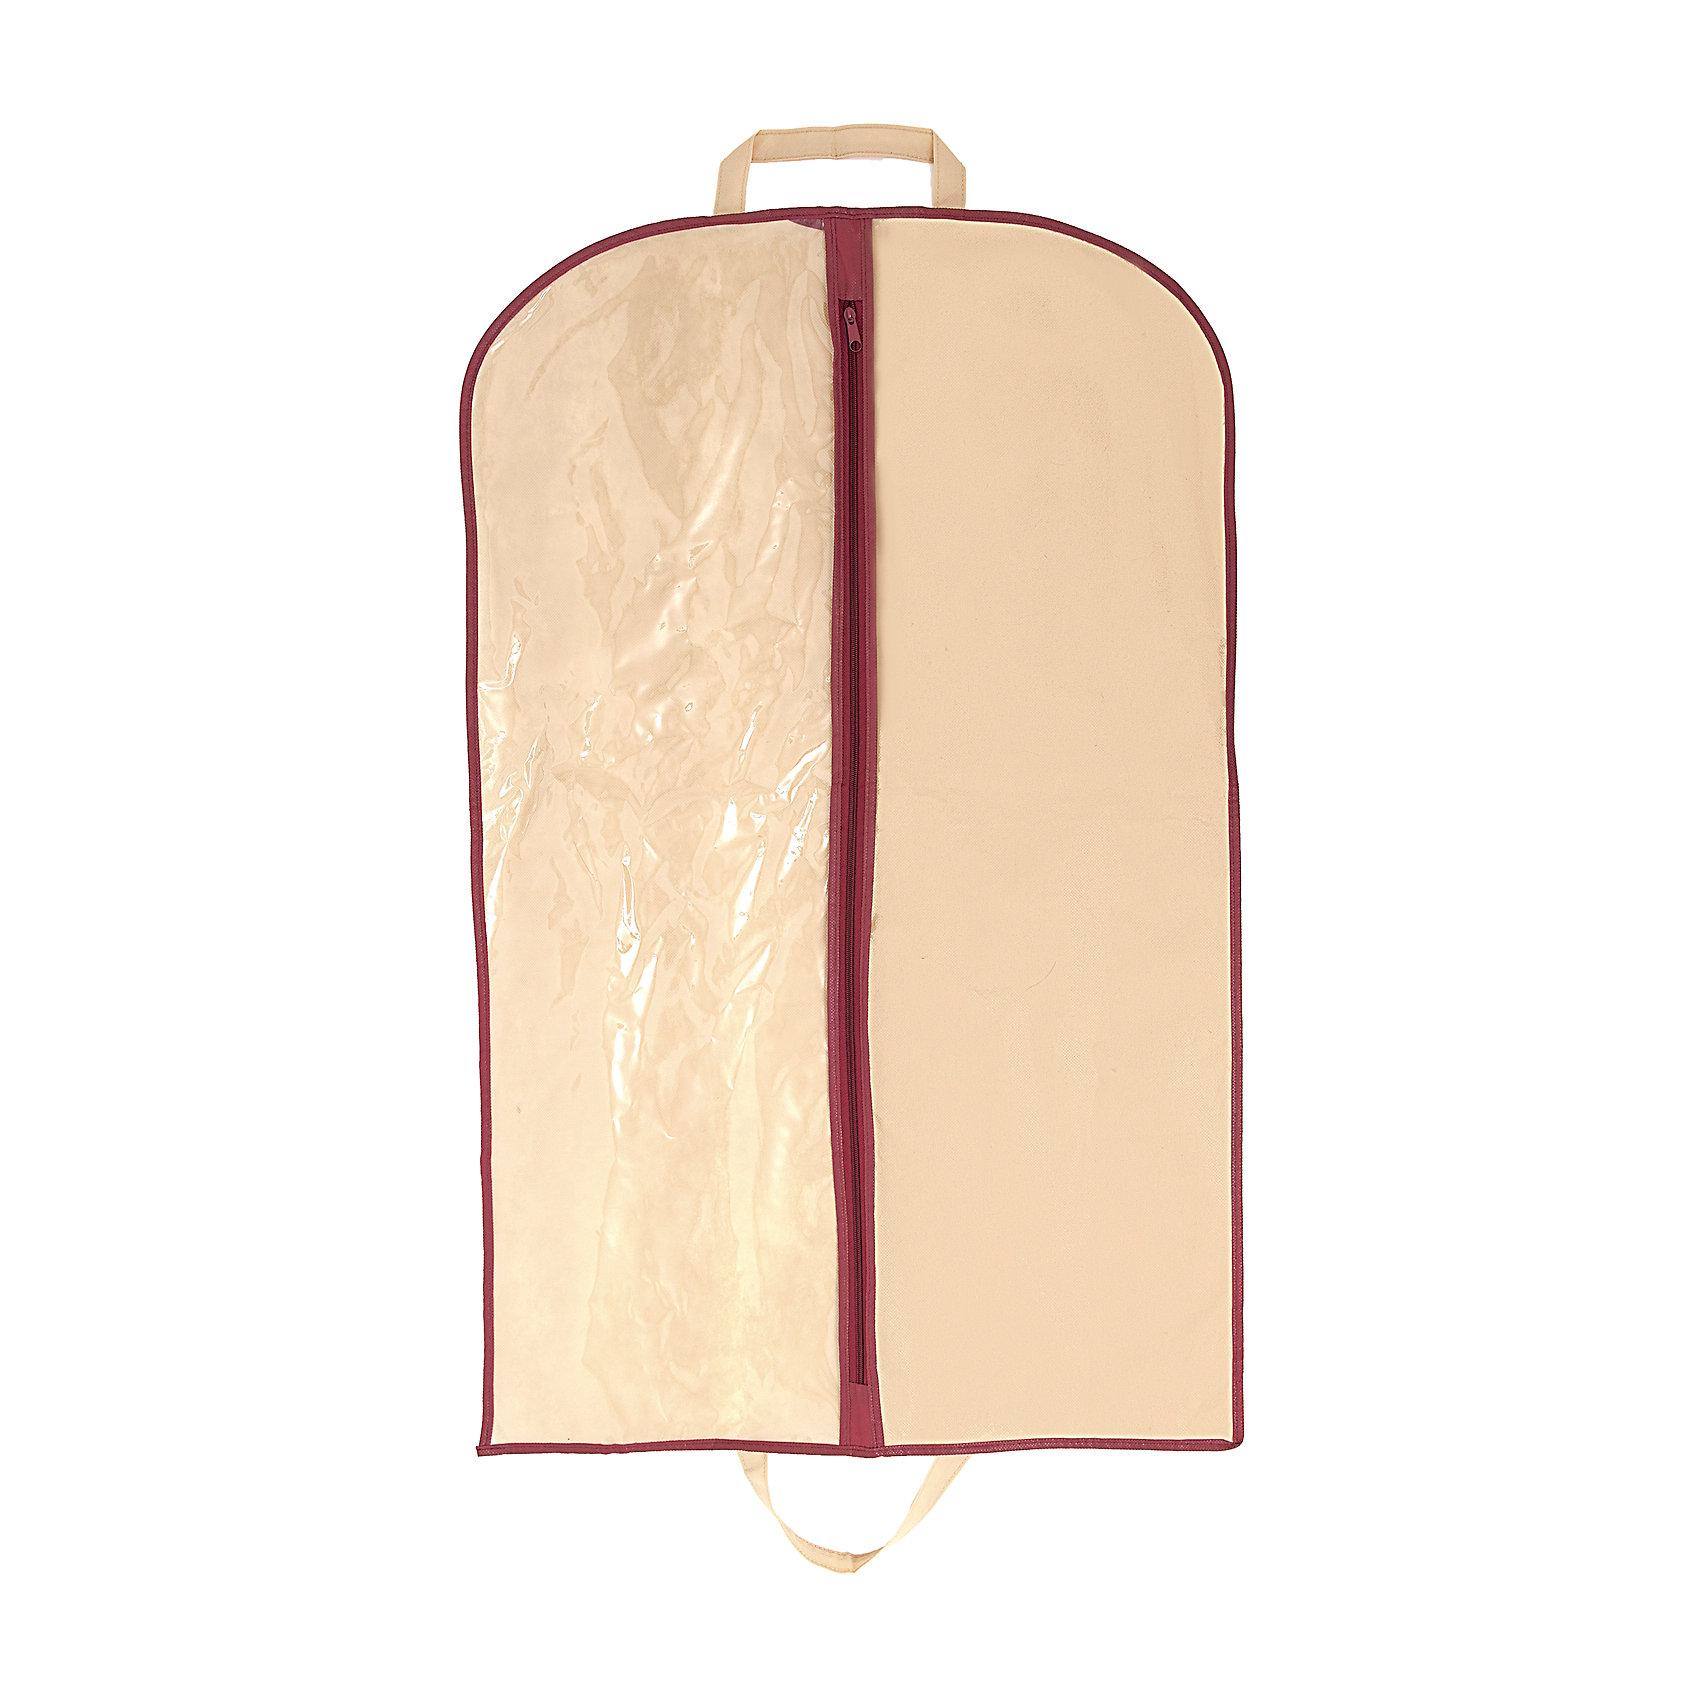 Чехол для одежды 100*60 Comfort, HomsuПорядок в детской<br>Такой чехол для одежды размером 100Х60см , произведённый в очень оригинальном стиле, поможет полноценно сберечь вашу одежду, как в домашнем хранении, так и во время транспортировки. Благодаря специальному материалу- спанбонду, ваша одежда будет не доступна для моли и не выцветет, а прозрачная половина, выполненная из ПВХ, легко позволит сразу же определить, что конкретно находится внутри.<br><br>Ширина мм: 260<br>Глубина мм: 200<br>Высота мм: 20<br>Вес г: 200<br>Возраст от месяцев: 216<br>Возраст до месяцев: 1188<br>Пол: Унисекс<br>Возраст: Детский<br>SKU: 5620118